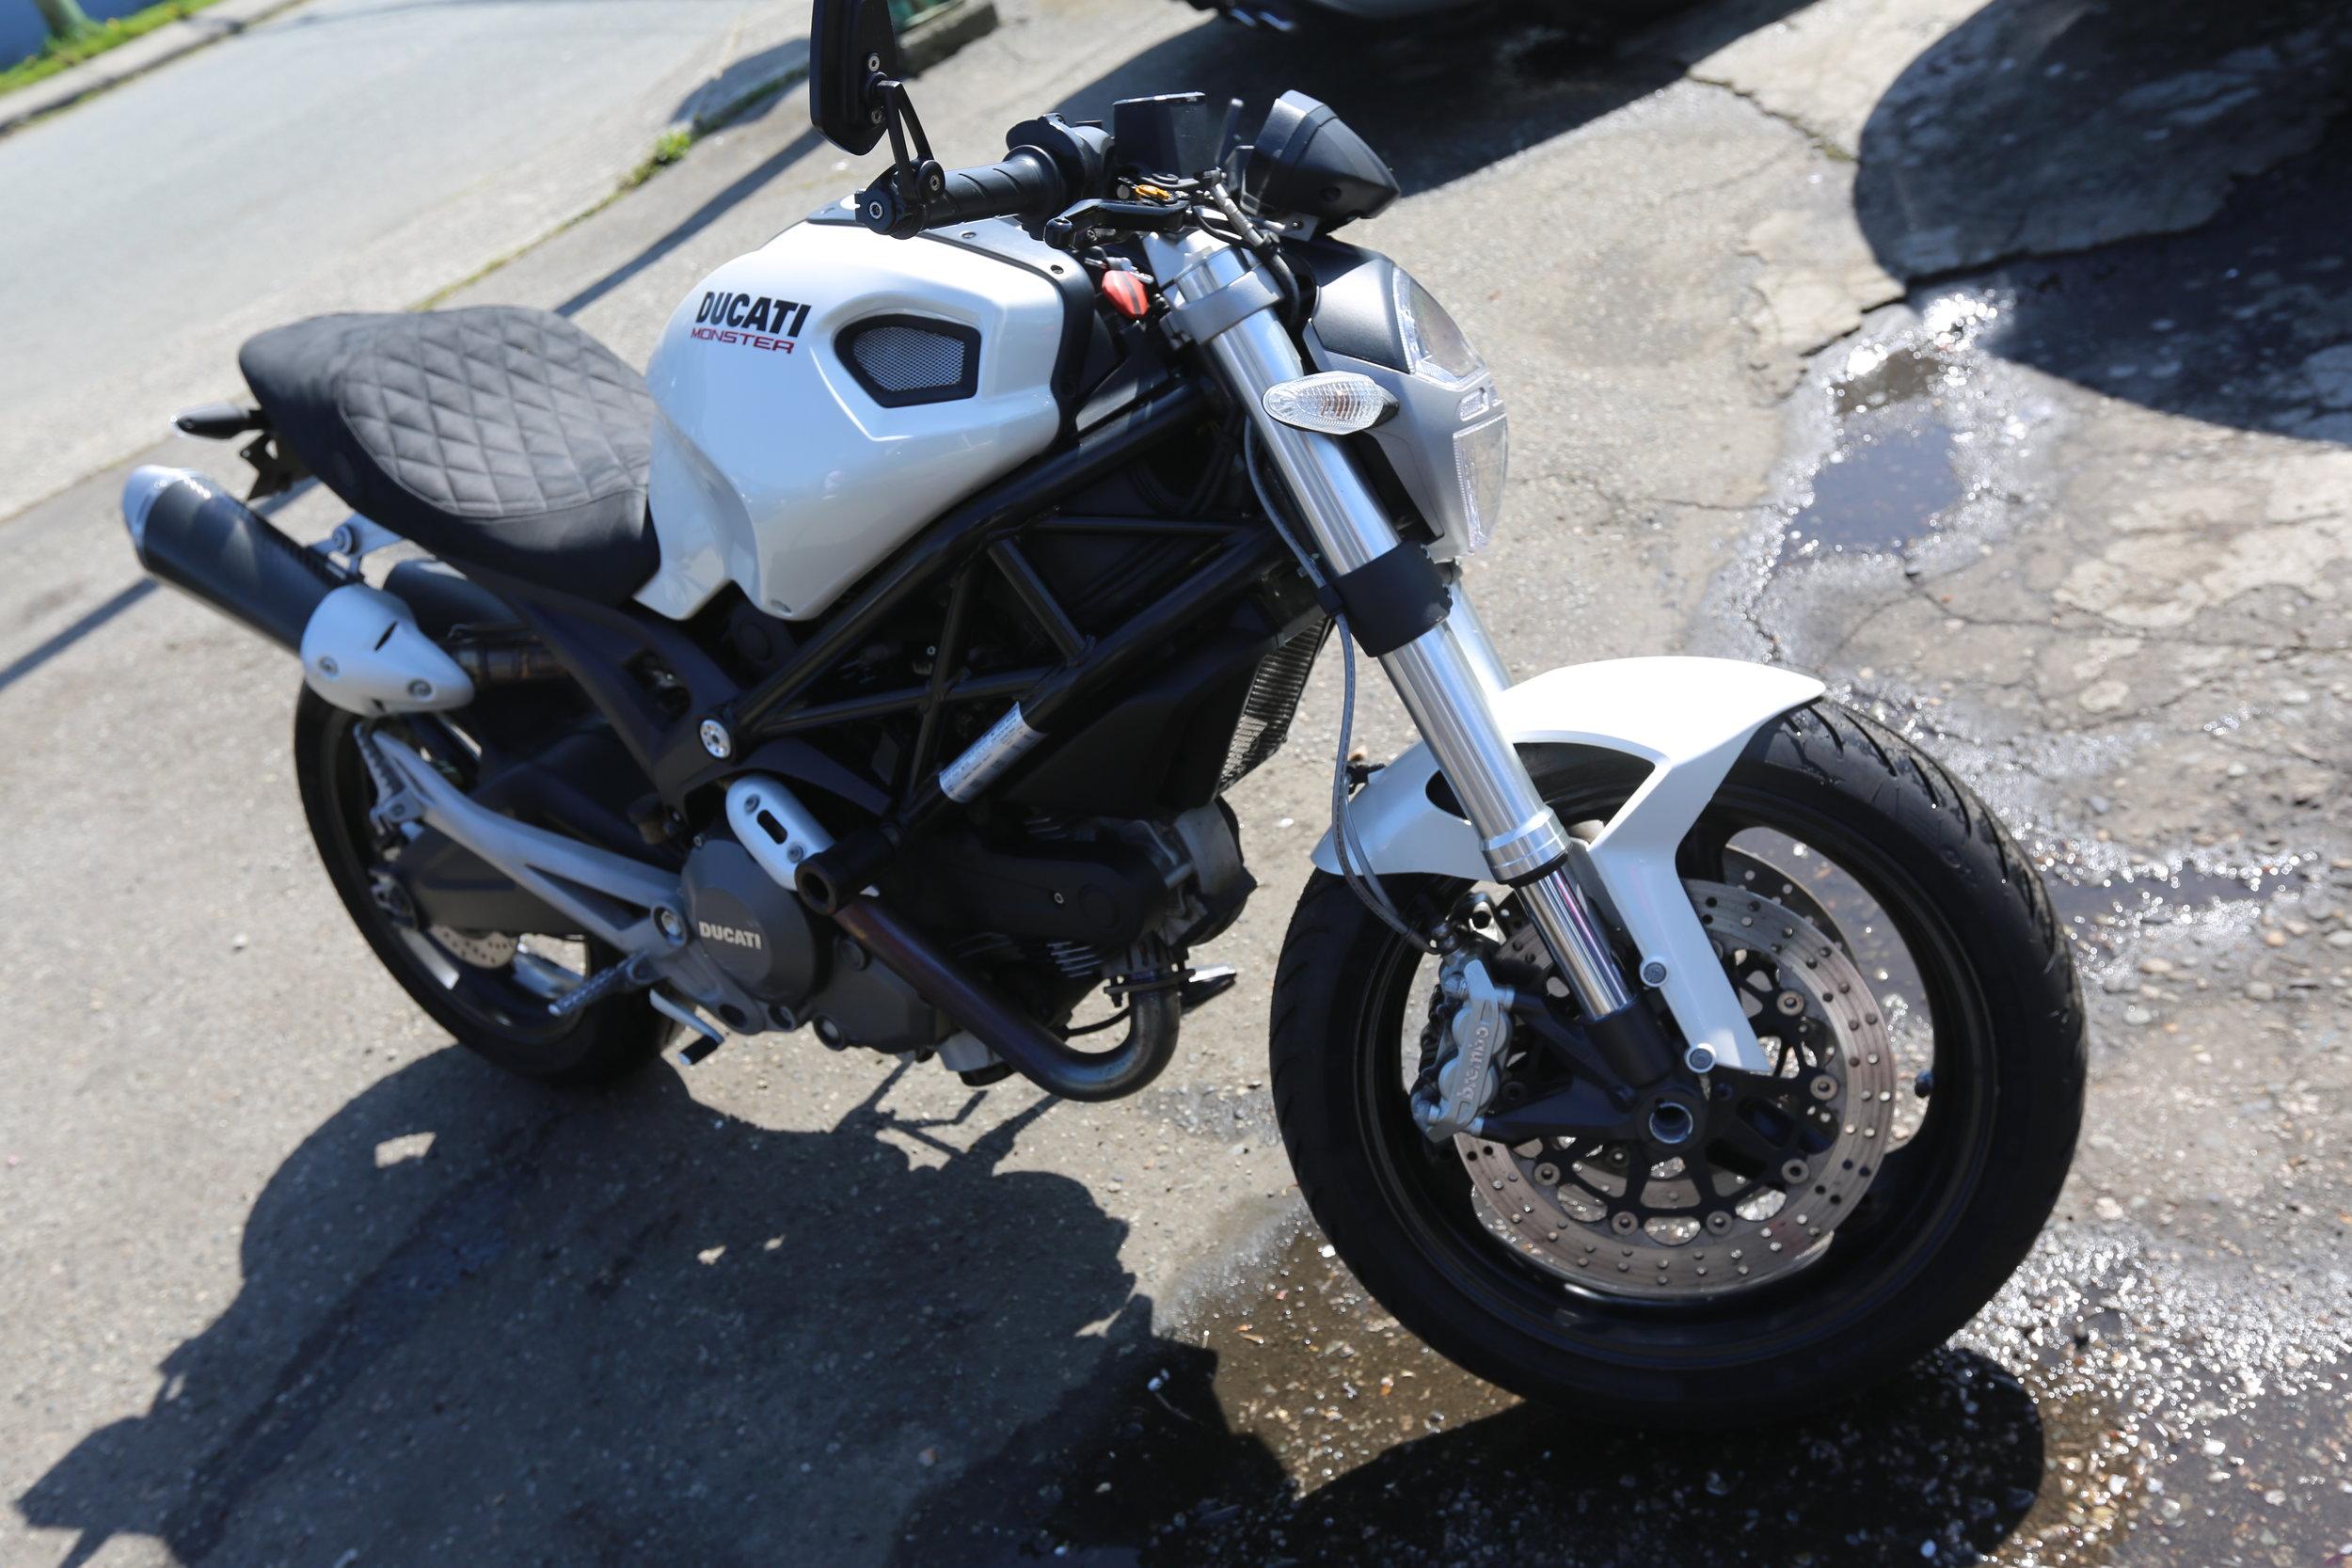 2009 Ducati monster 696, extras -